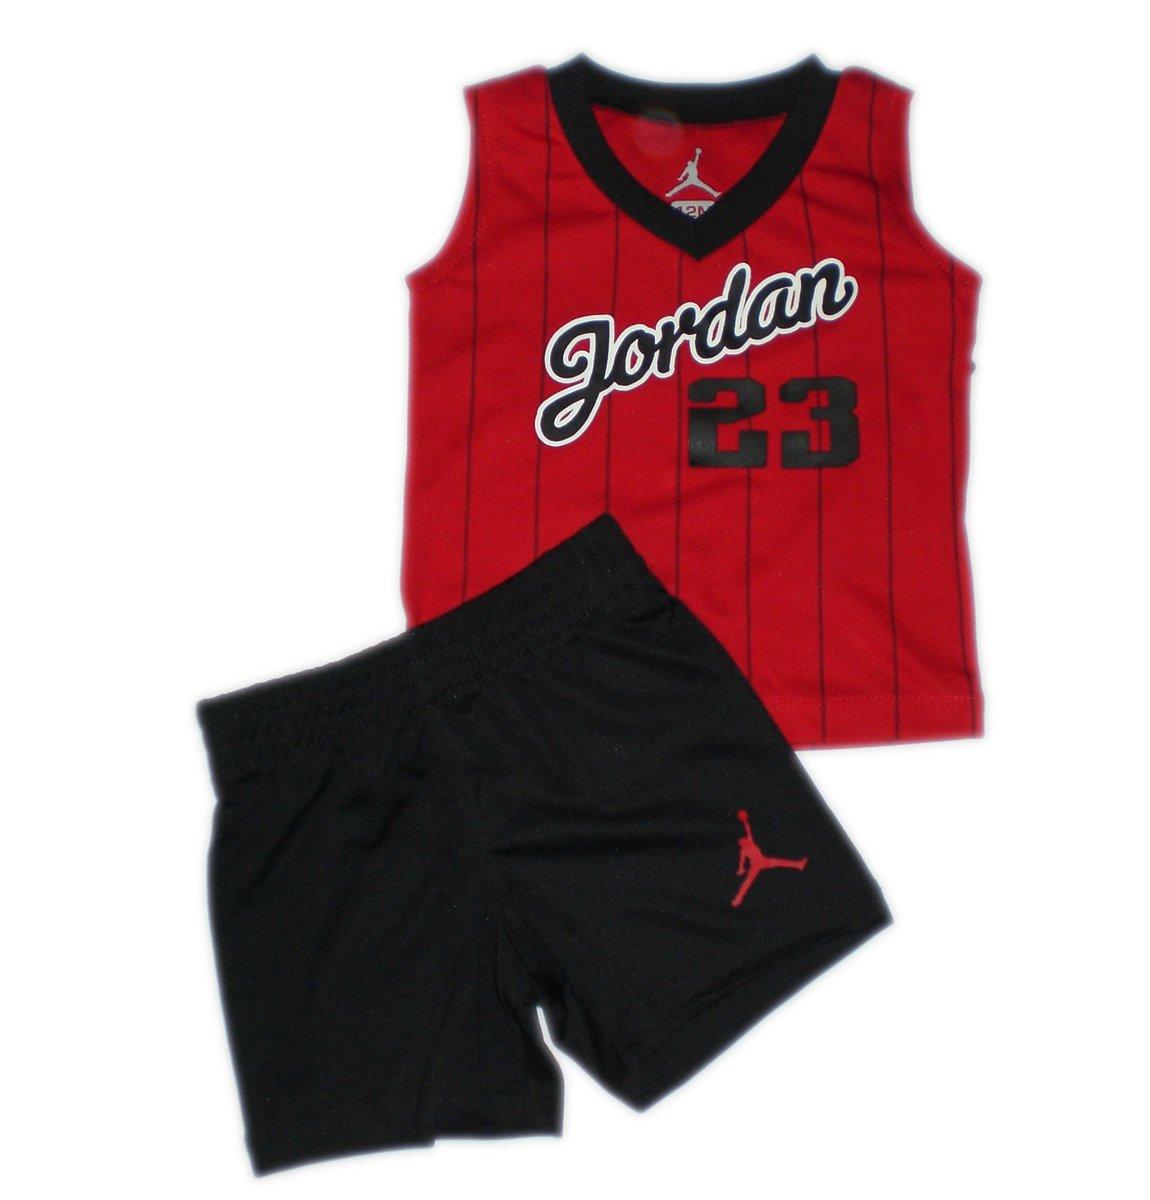 Nike Jordan Baby Tank-Top & Short, Size 12 Month by NIKE